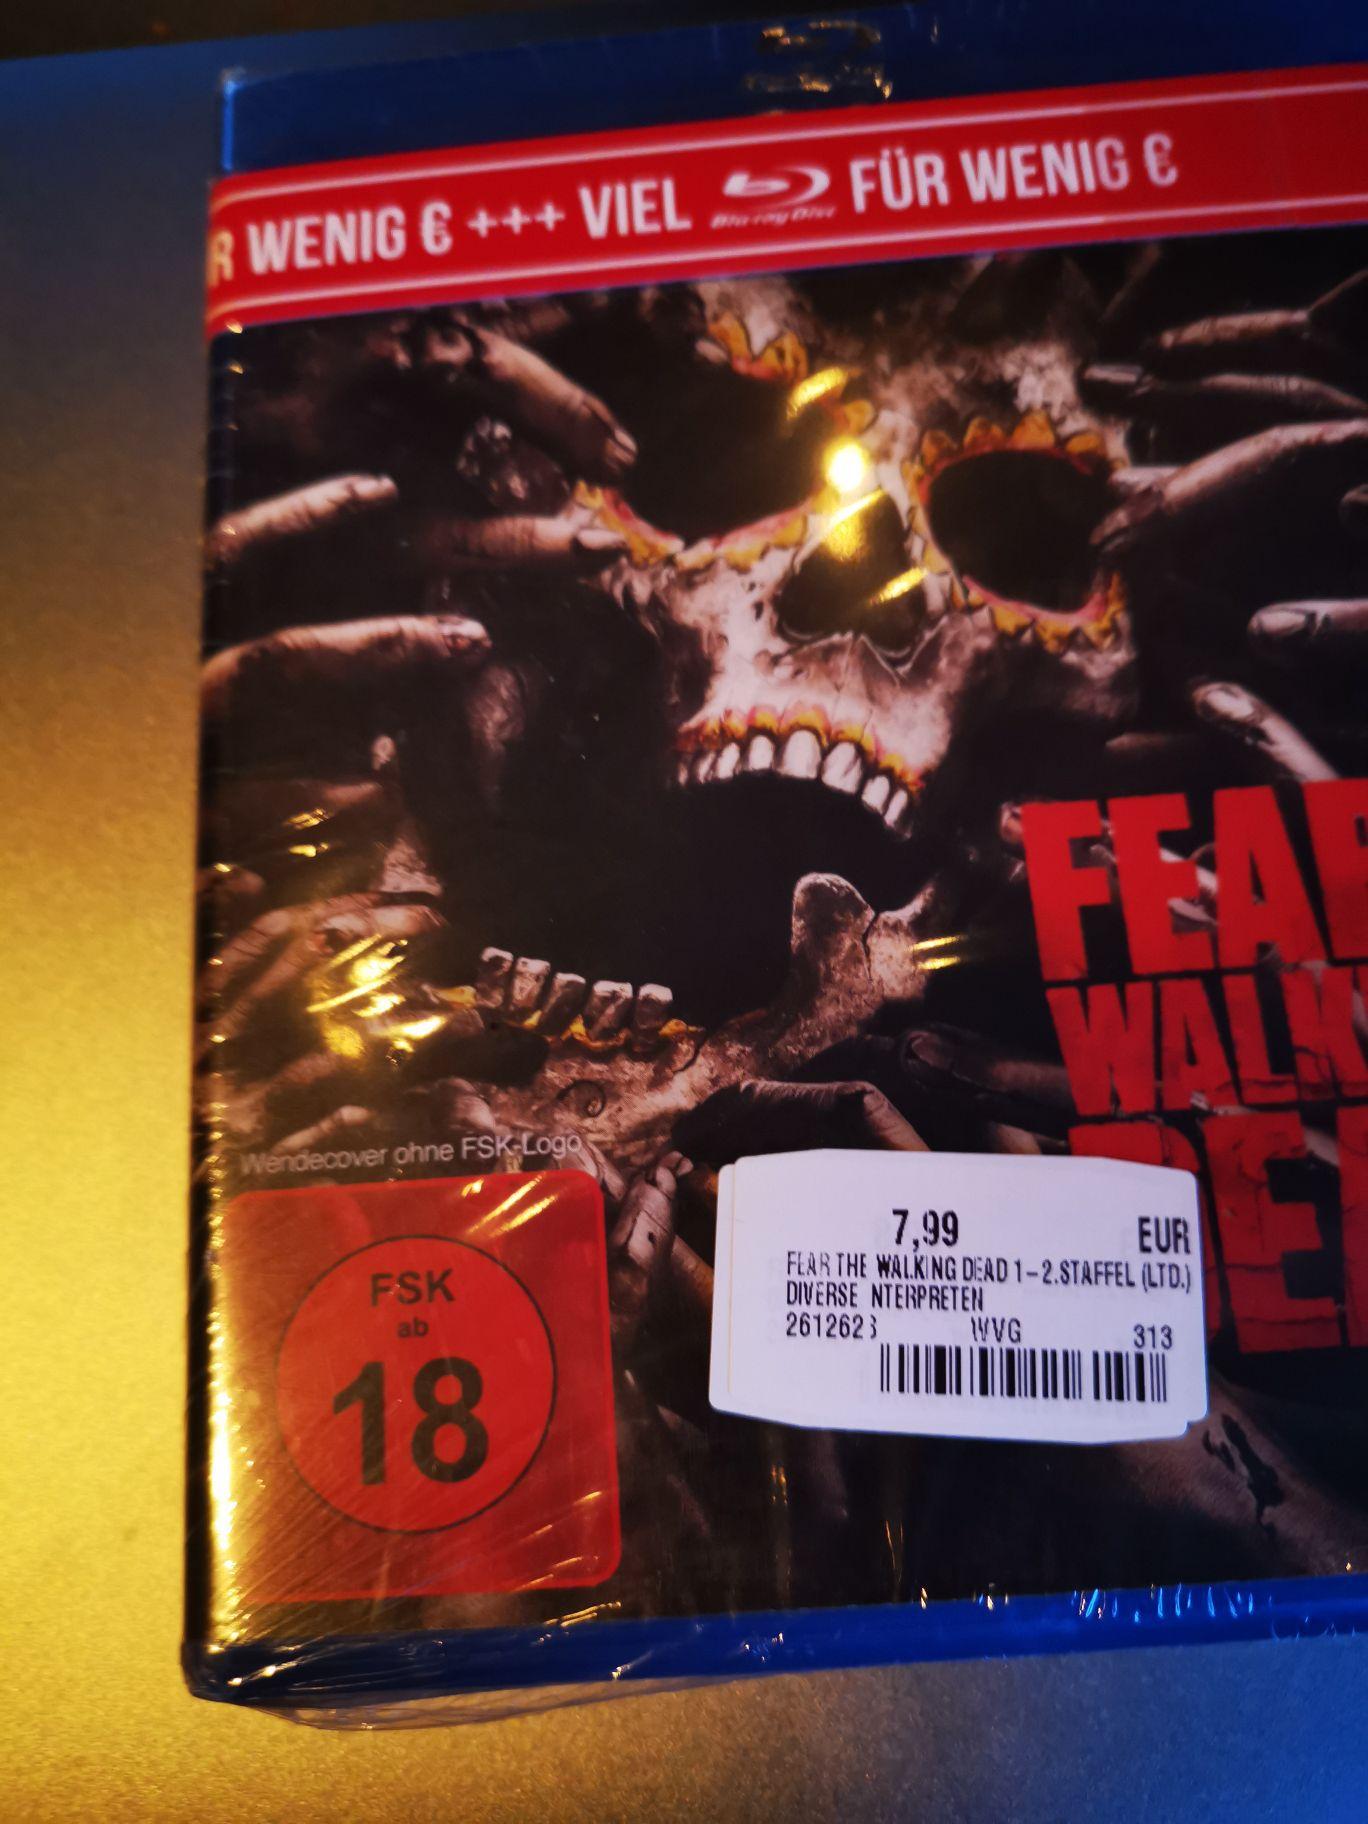 [Offline Saturn] Fear the walking Dead Staffel 1&2 Bluray